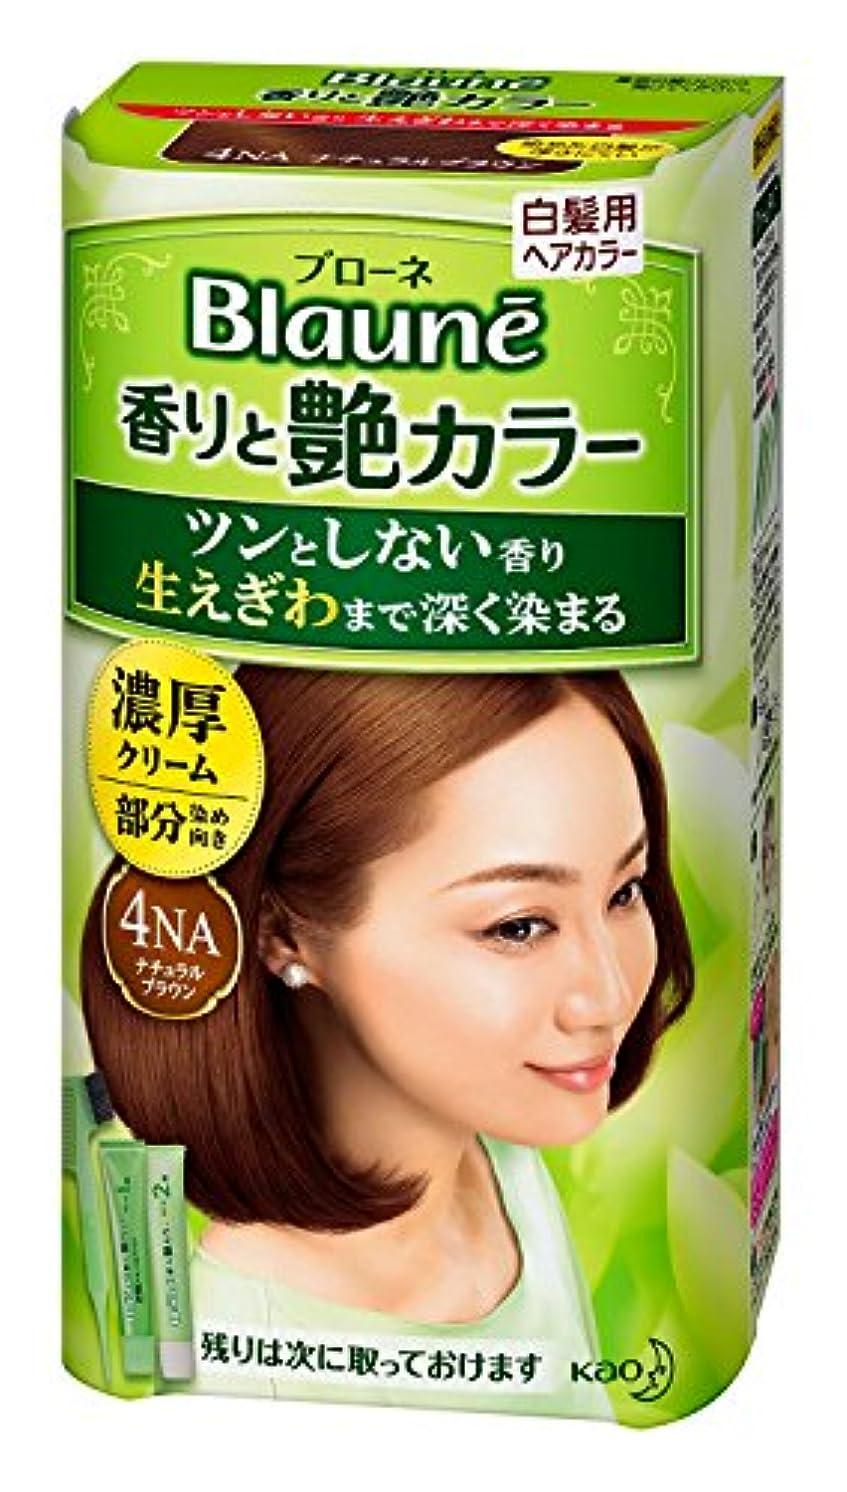 風タバコペンダント【花王】ブローネ 香りと艶カラー クリーム 4NA:ナチュラルブラウン 80g ×5個セット